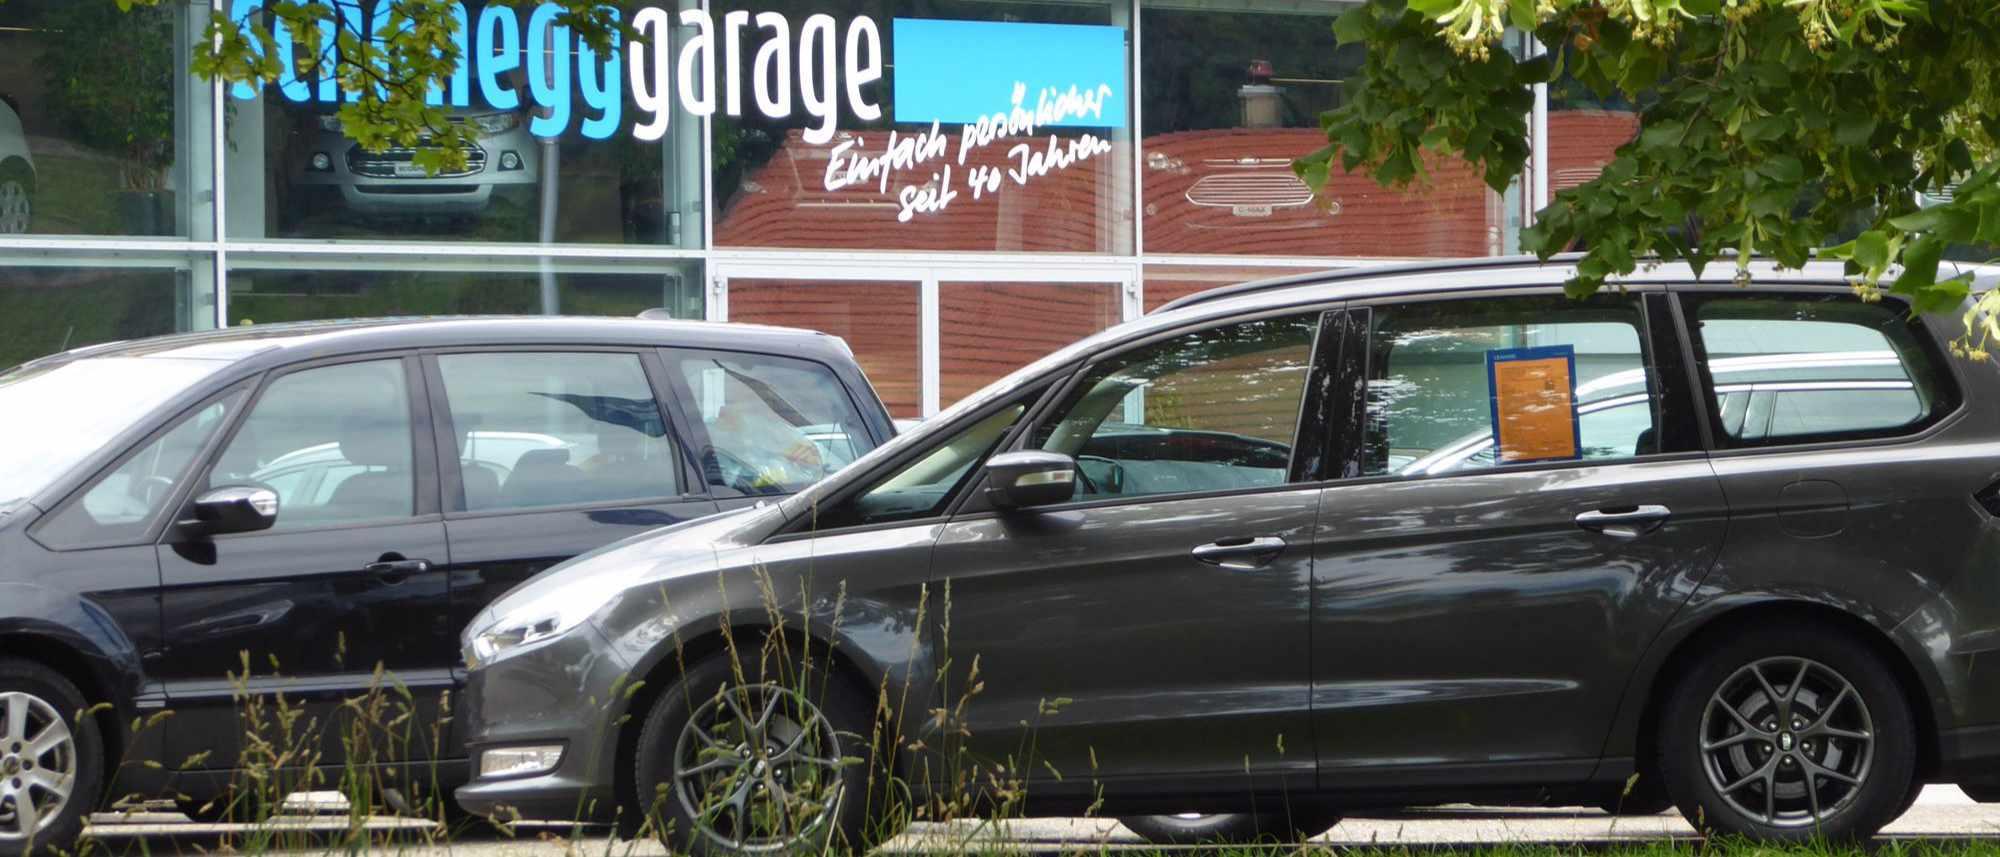 Schönegge Garage AG in Spiez | persönlicher Service | Öffnungszeiten